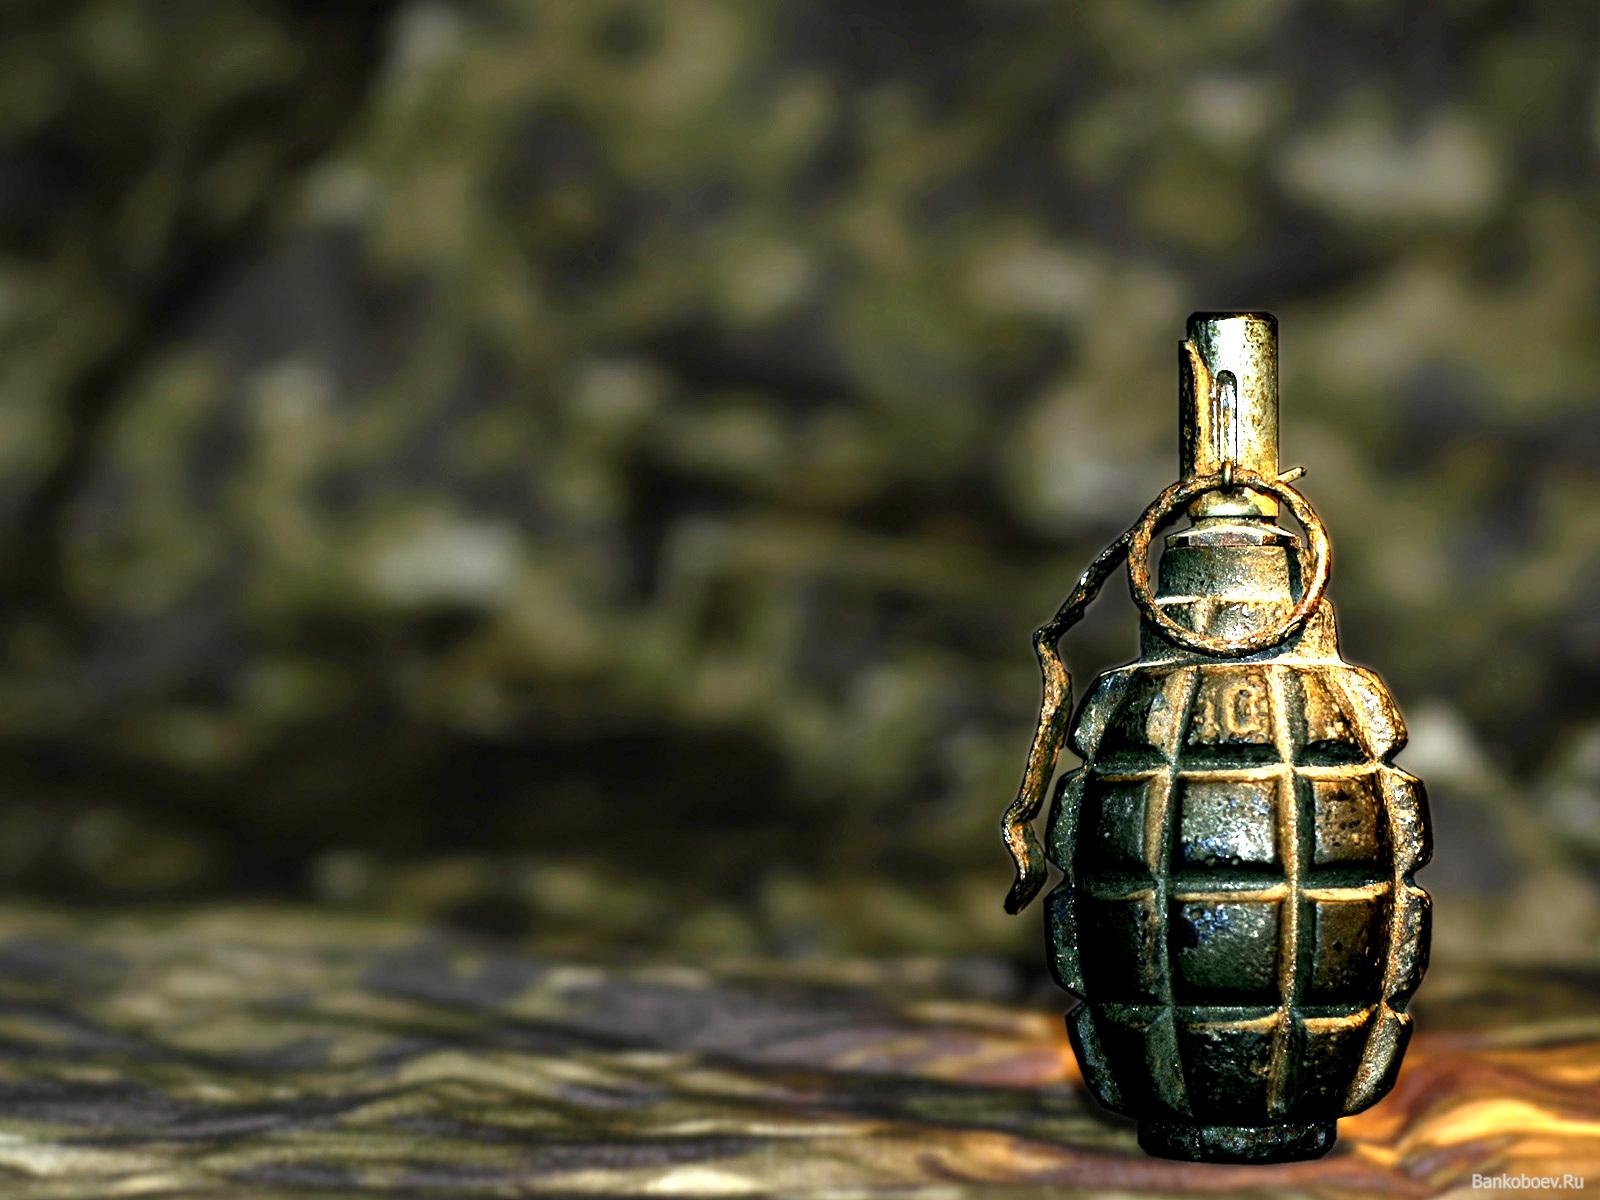 Grenade #новости Дуиси, Майя Николеишвили, Мариам Кублашвили, Мачаликашвили, Панкиси, Панкисское ущелье, СГБ, СГБ Грузии, спецоперация, терроризм